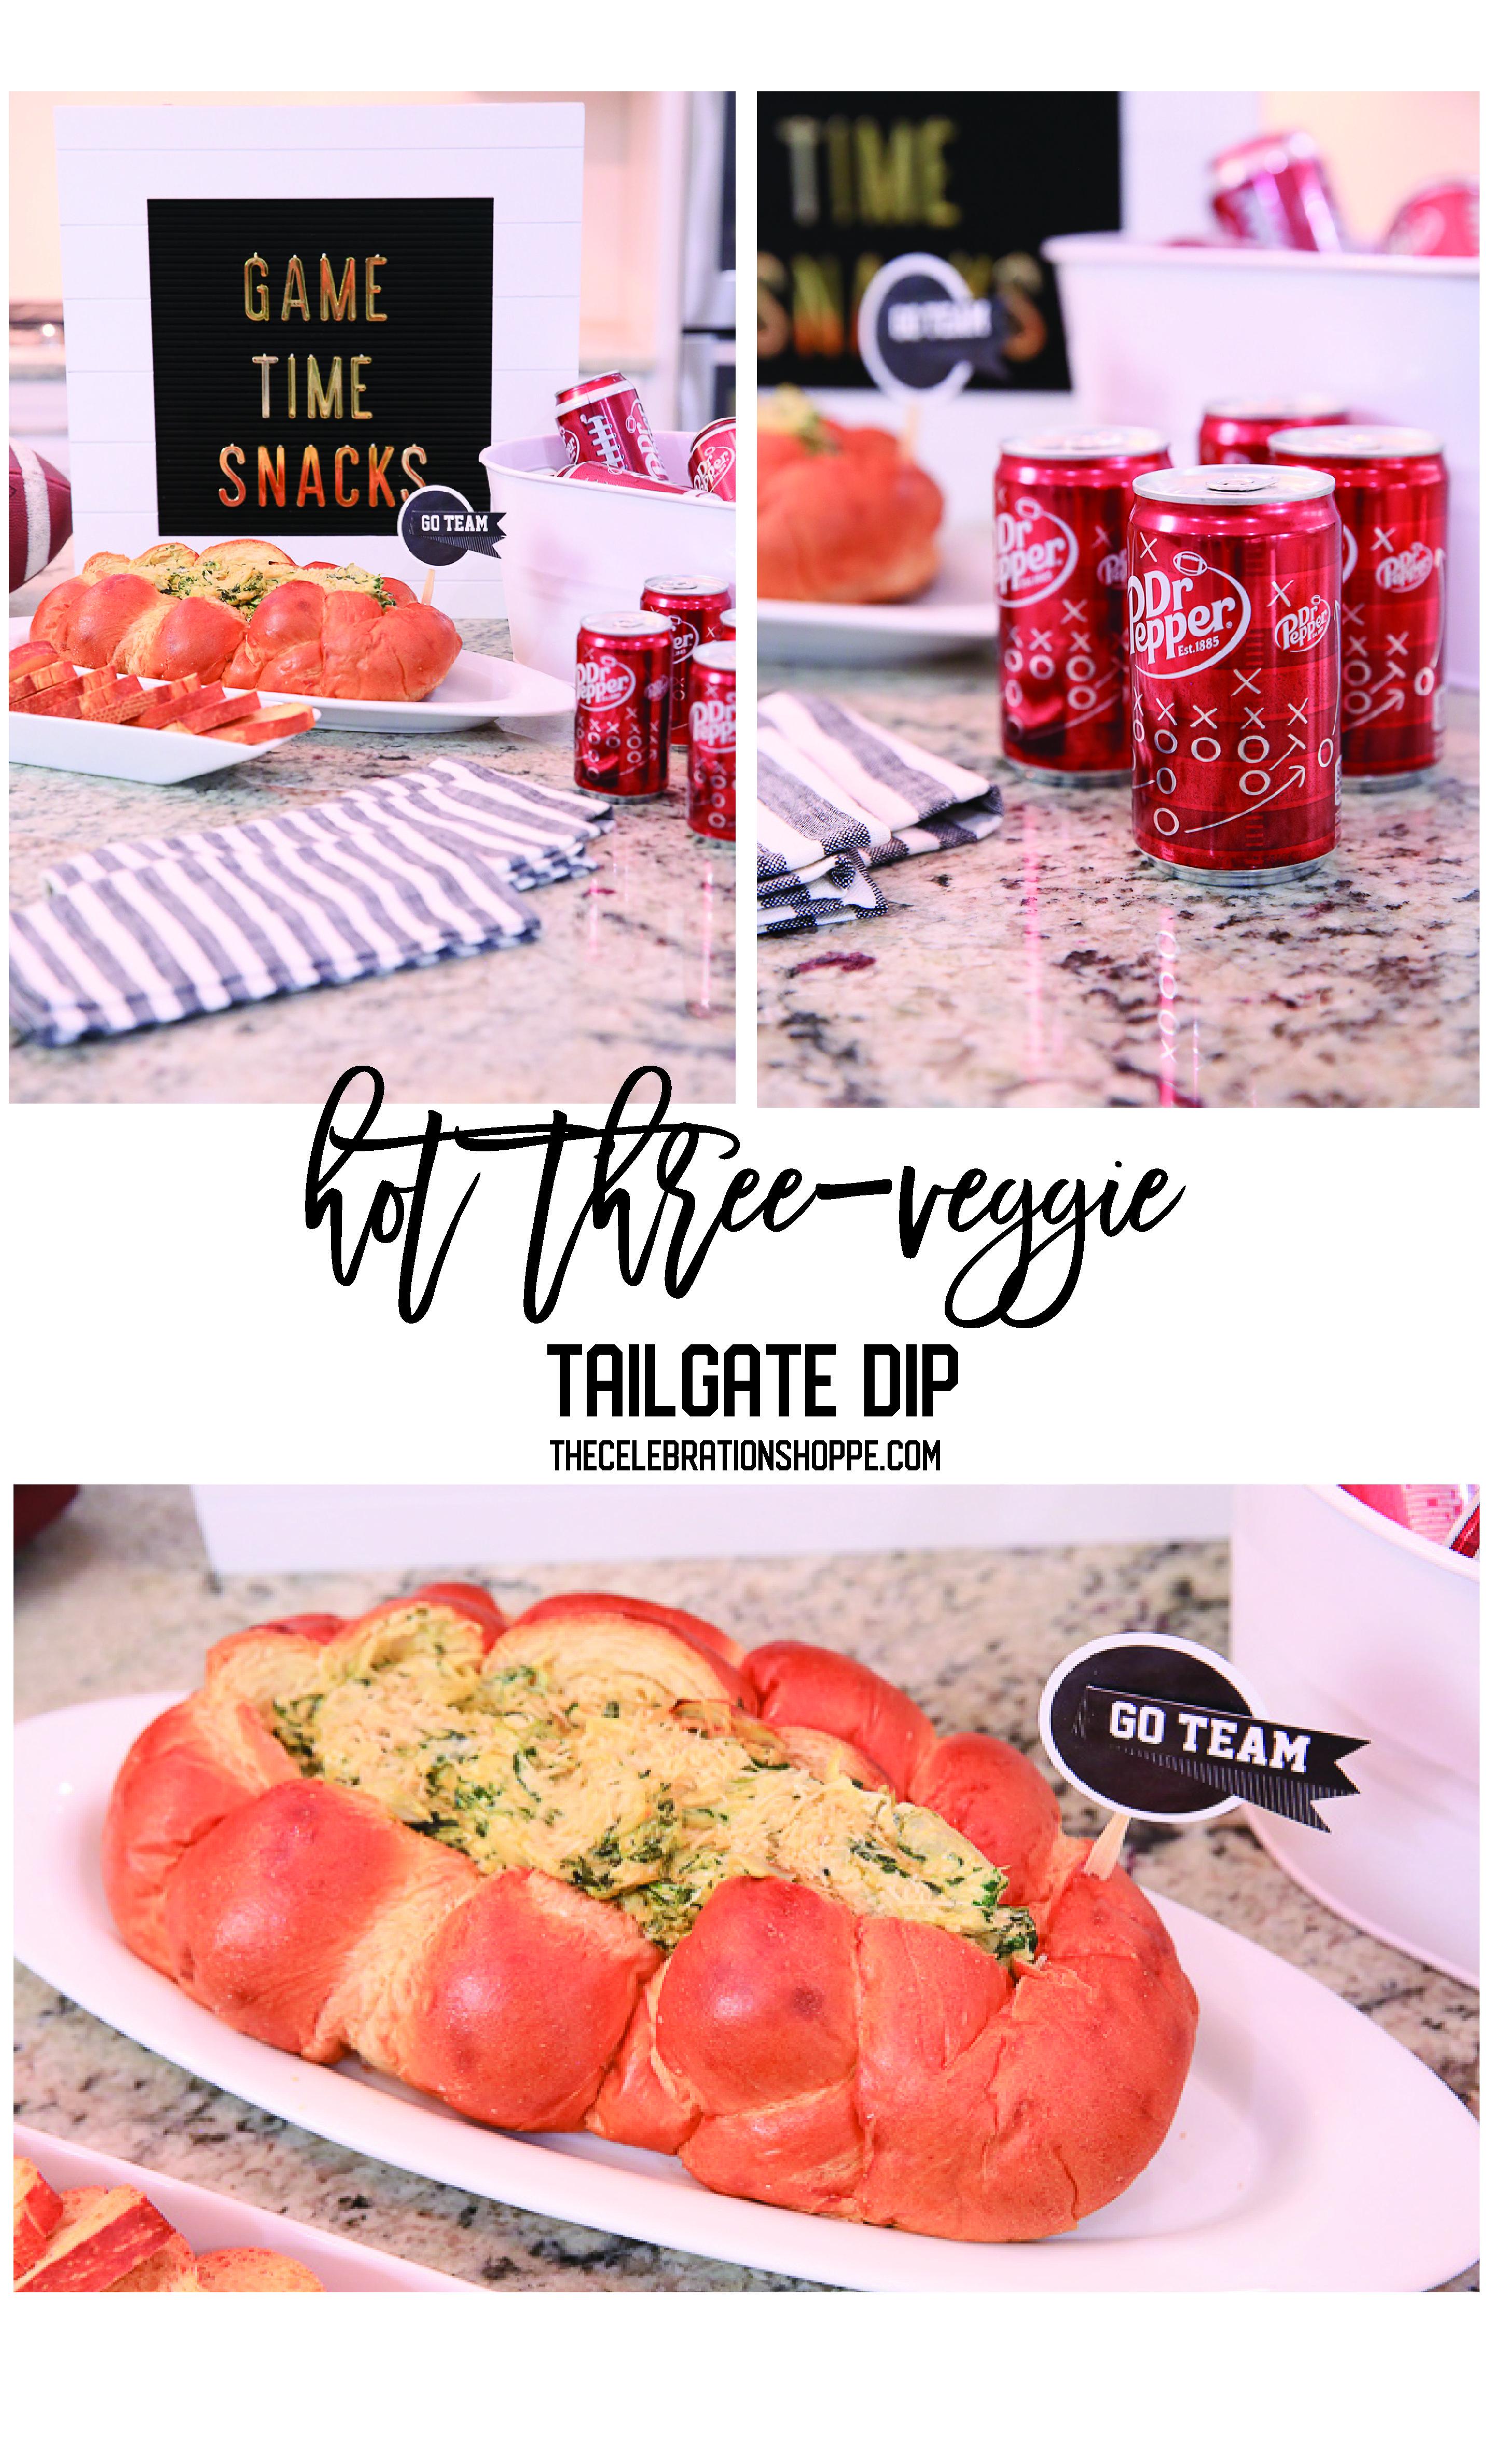 Hot-Three-Veggie-Tailgate-Dip